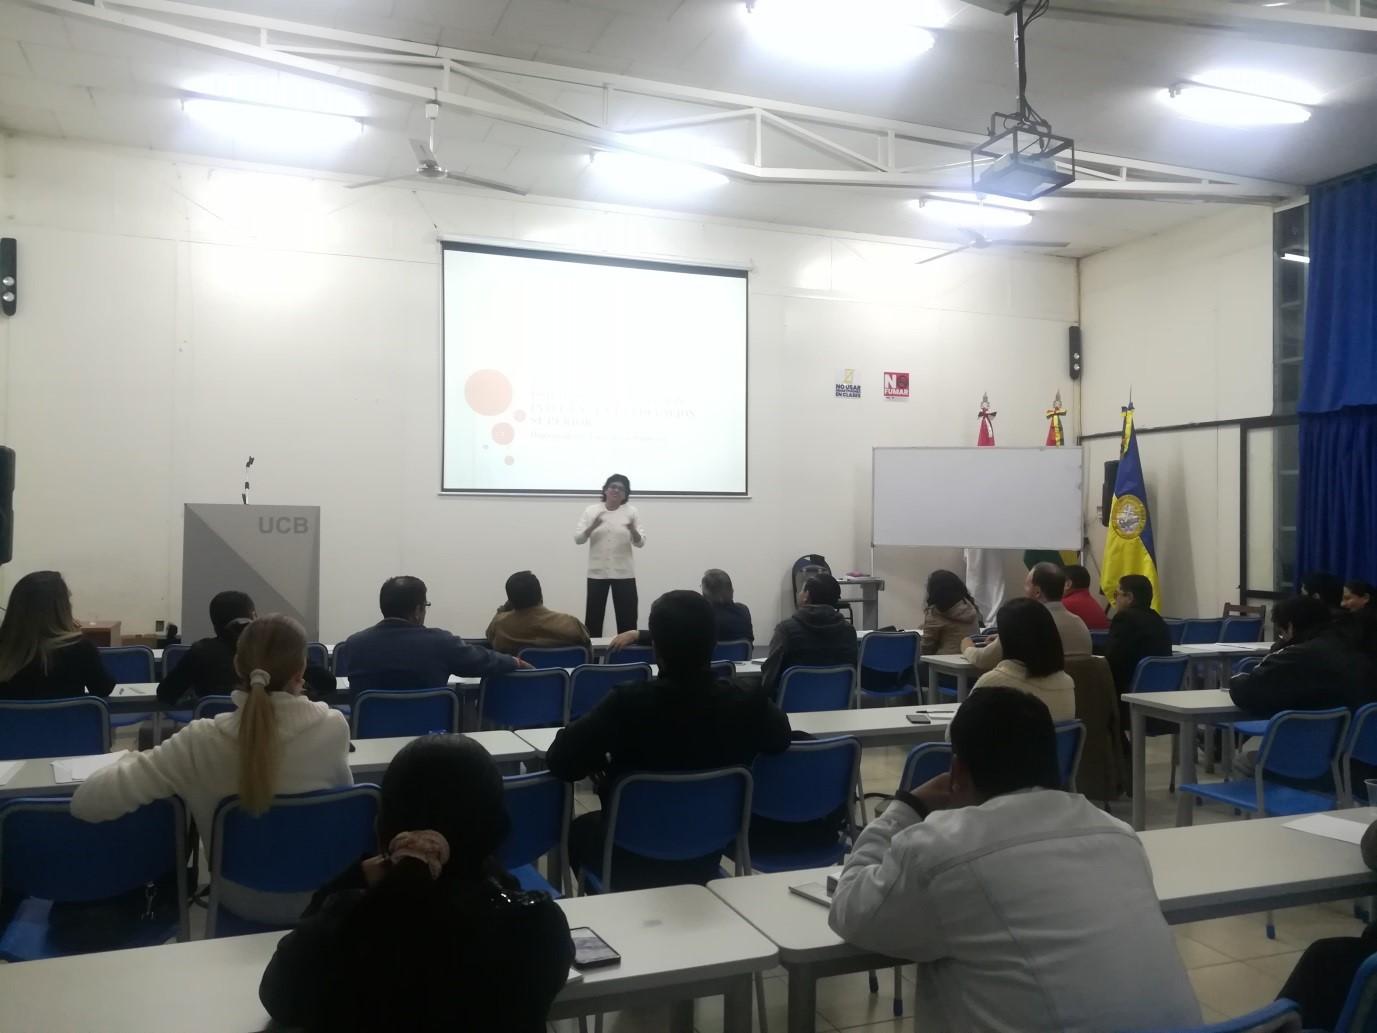 La importancia de la educación continua para la Universidad Católica Boliviana en Tarija